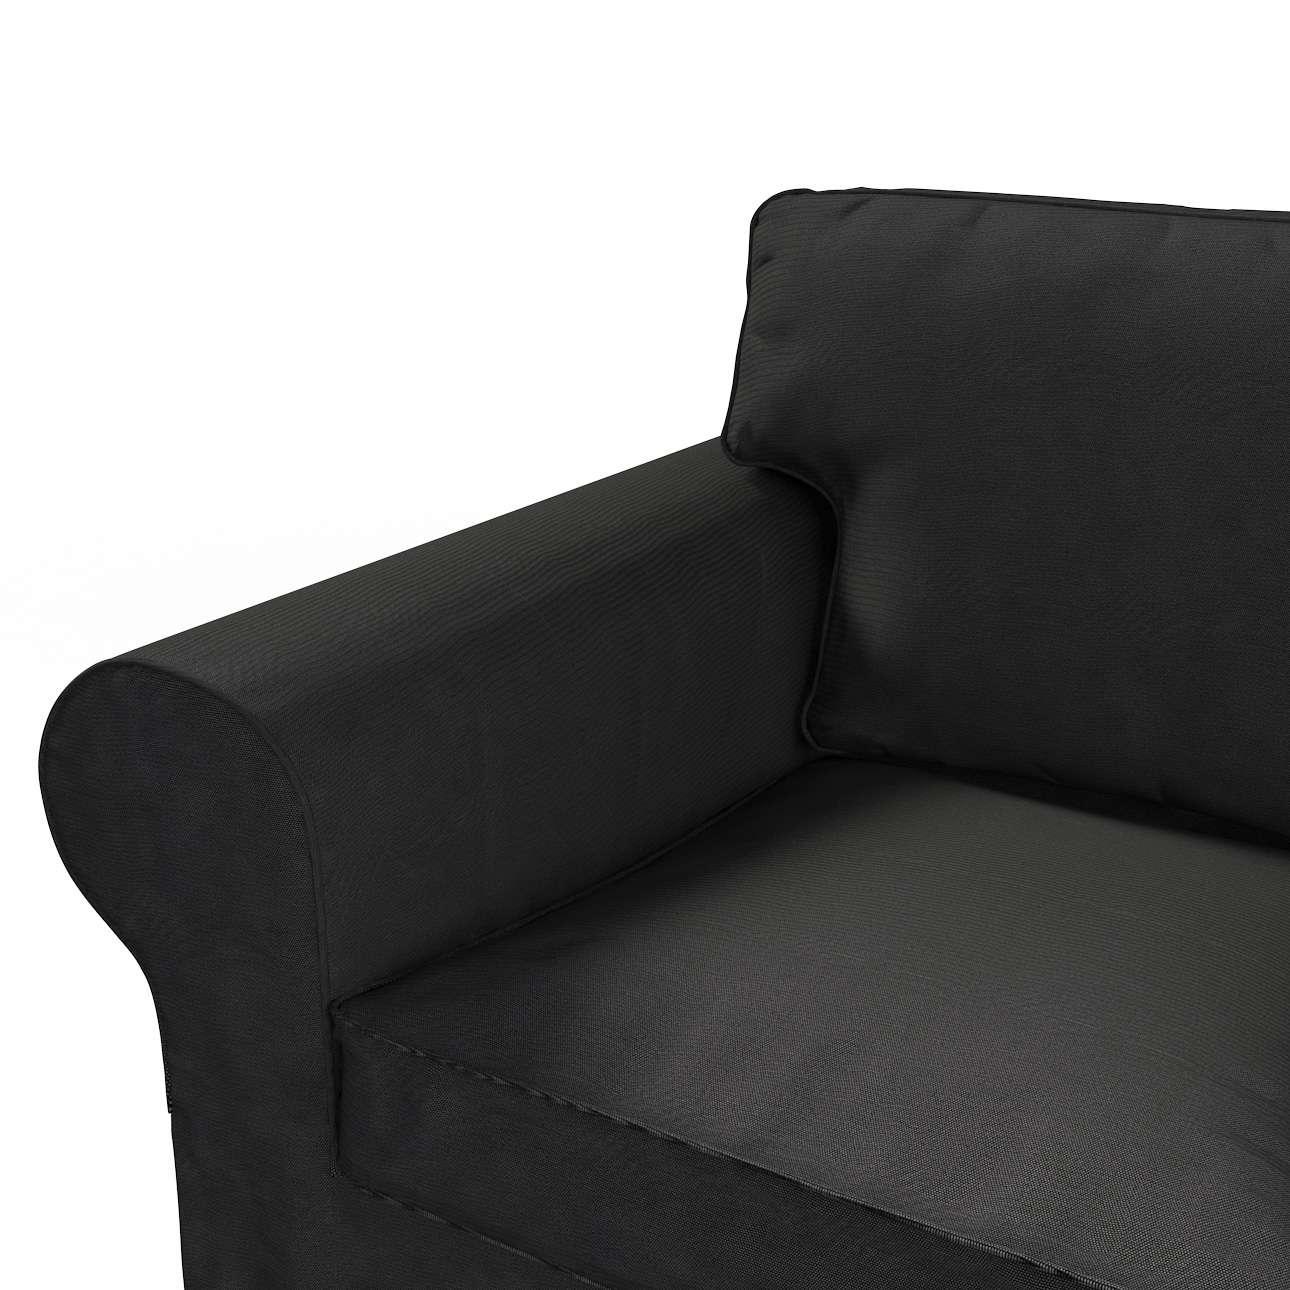 Pokrowiec na sofę Ektorp 2-osobową, rozkładaną STARY MODEL Sofa Ektorp 2-osobowa rozkładana w kolekcji Etna , tkanina: 705-00